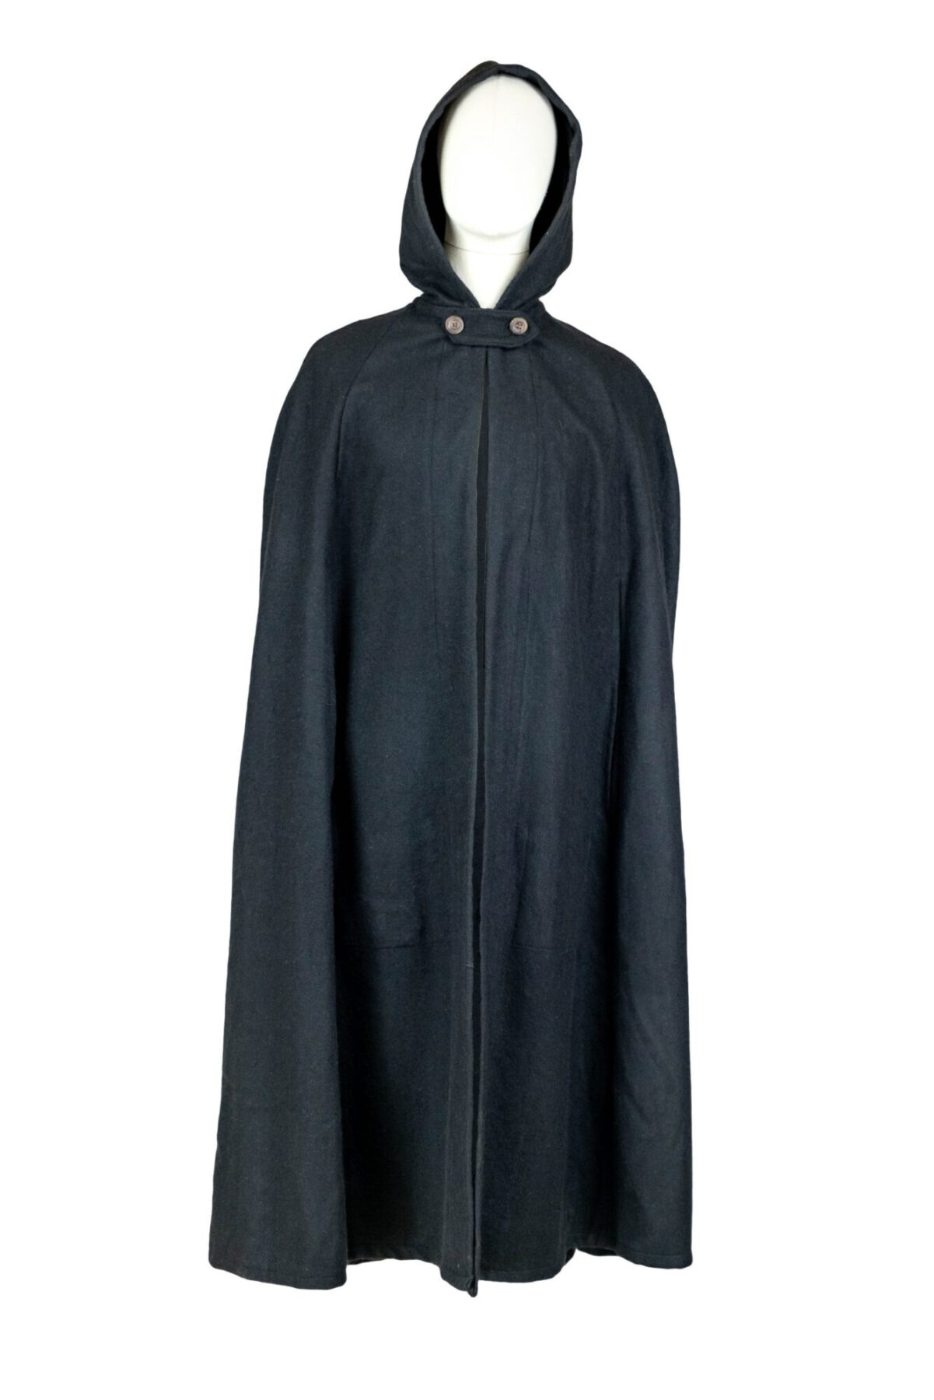 Umhang mit langer Kapuze für Kinder Modell Harry